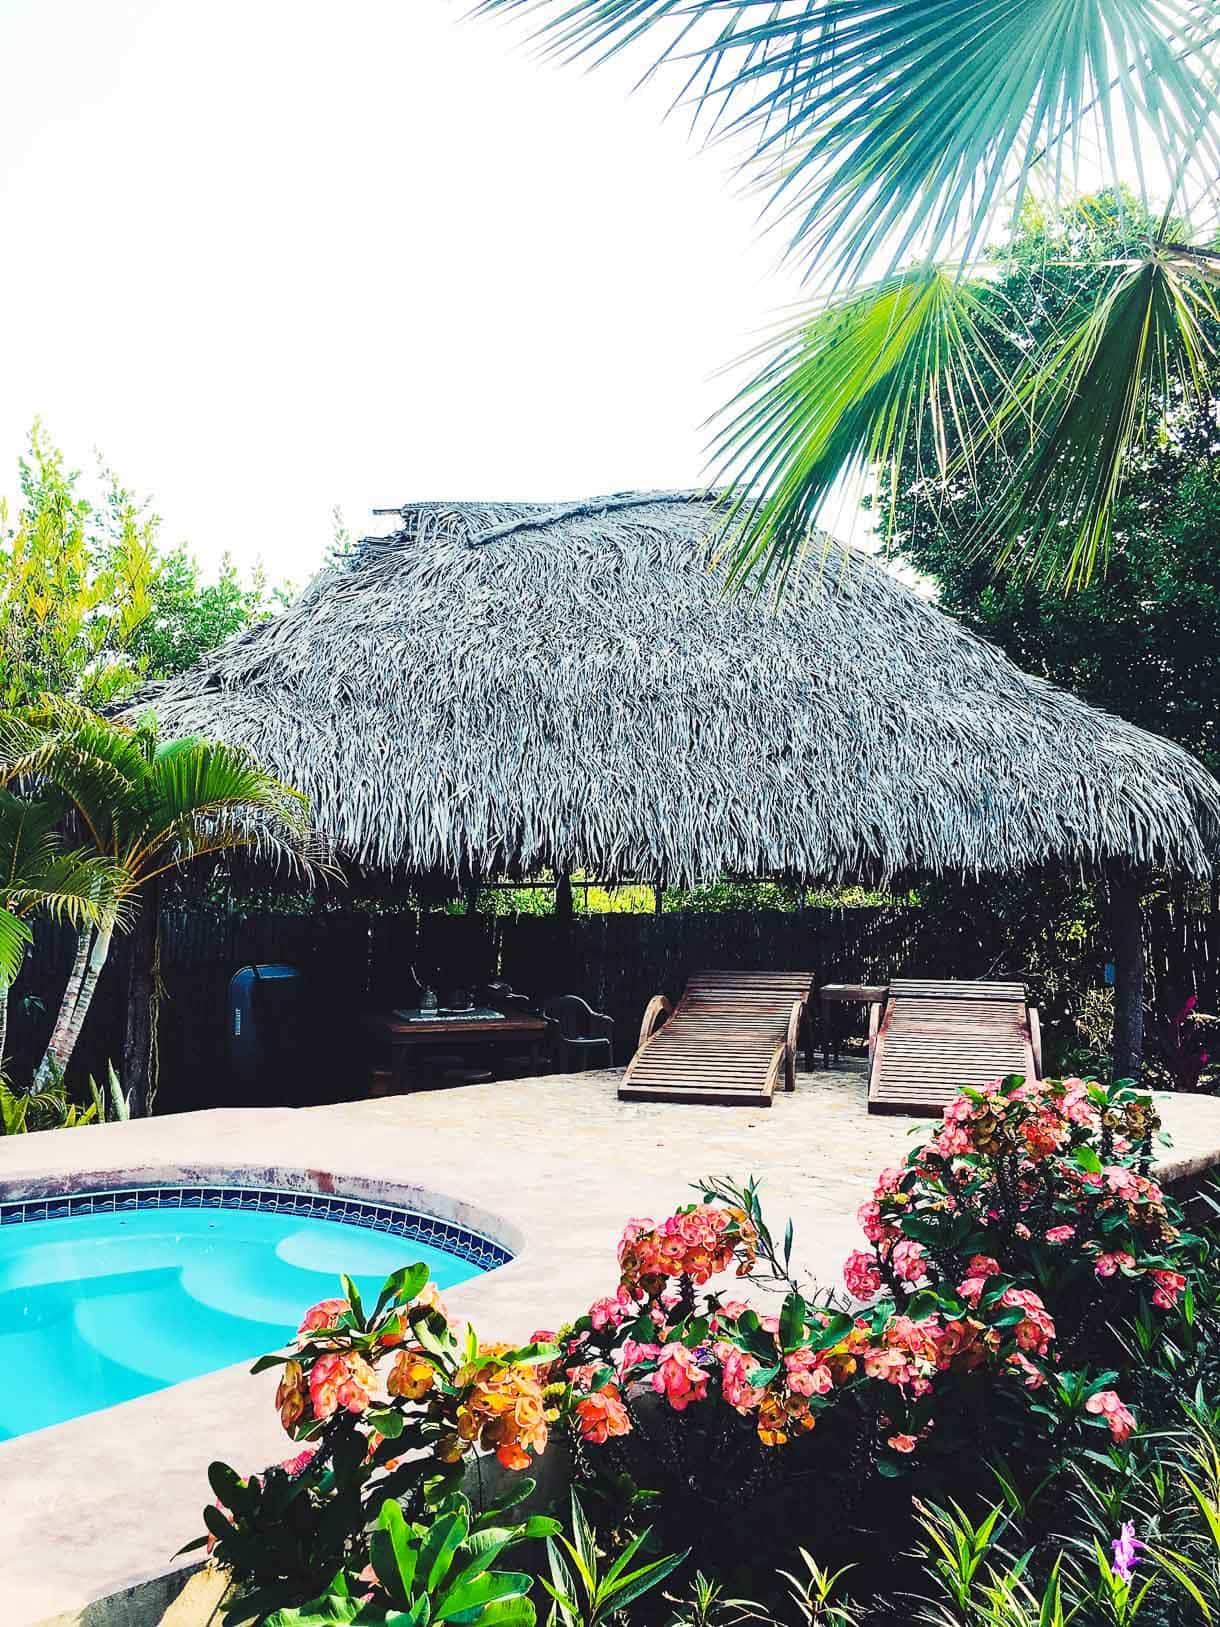 air Bnb Placencia, Belize